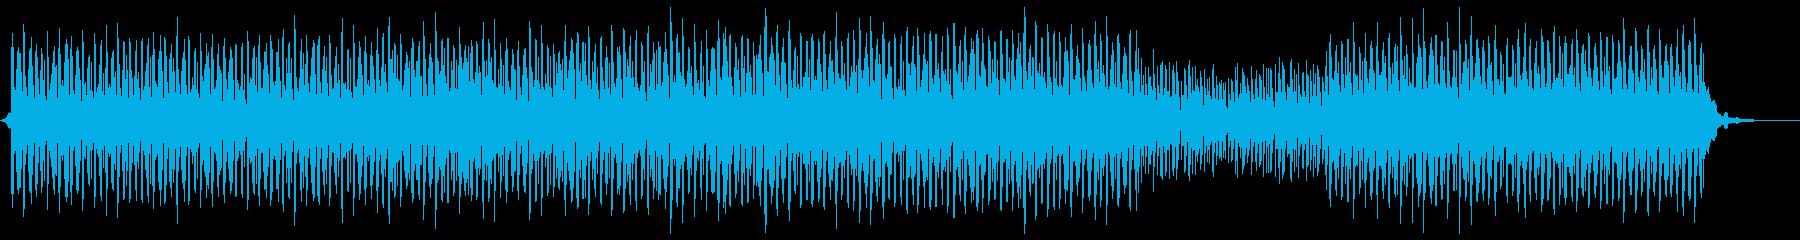 クールでアーバンな雰囲気のBGMの再生済みの波形